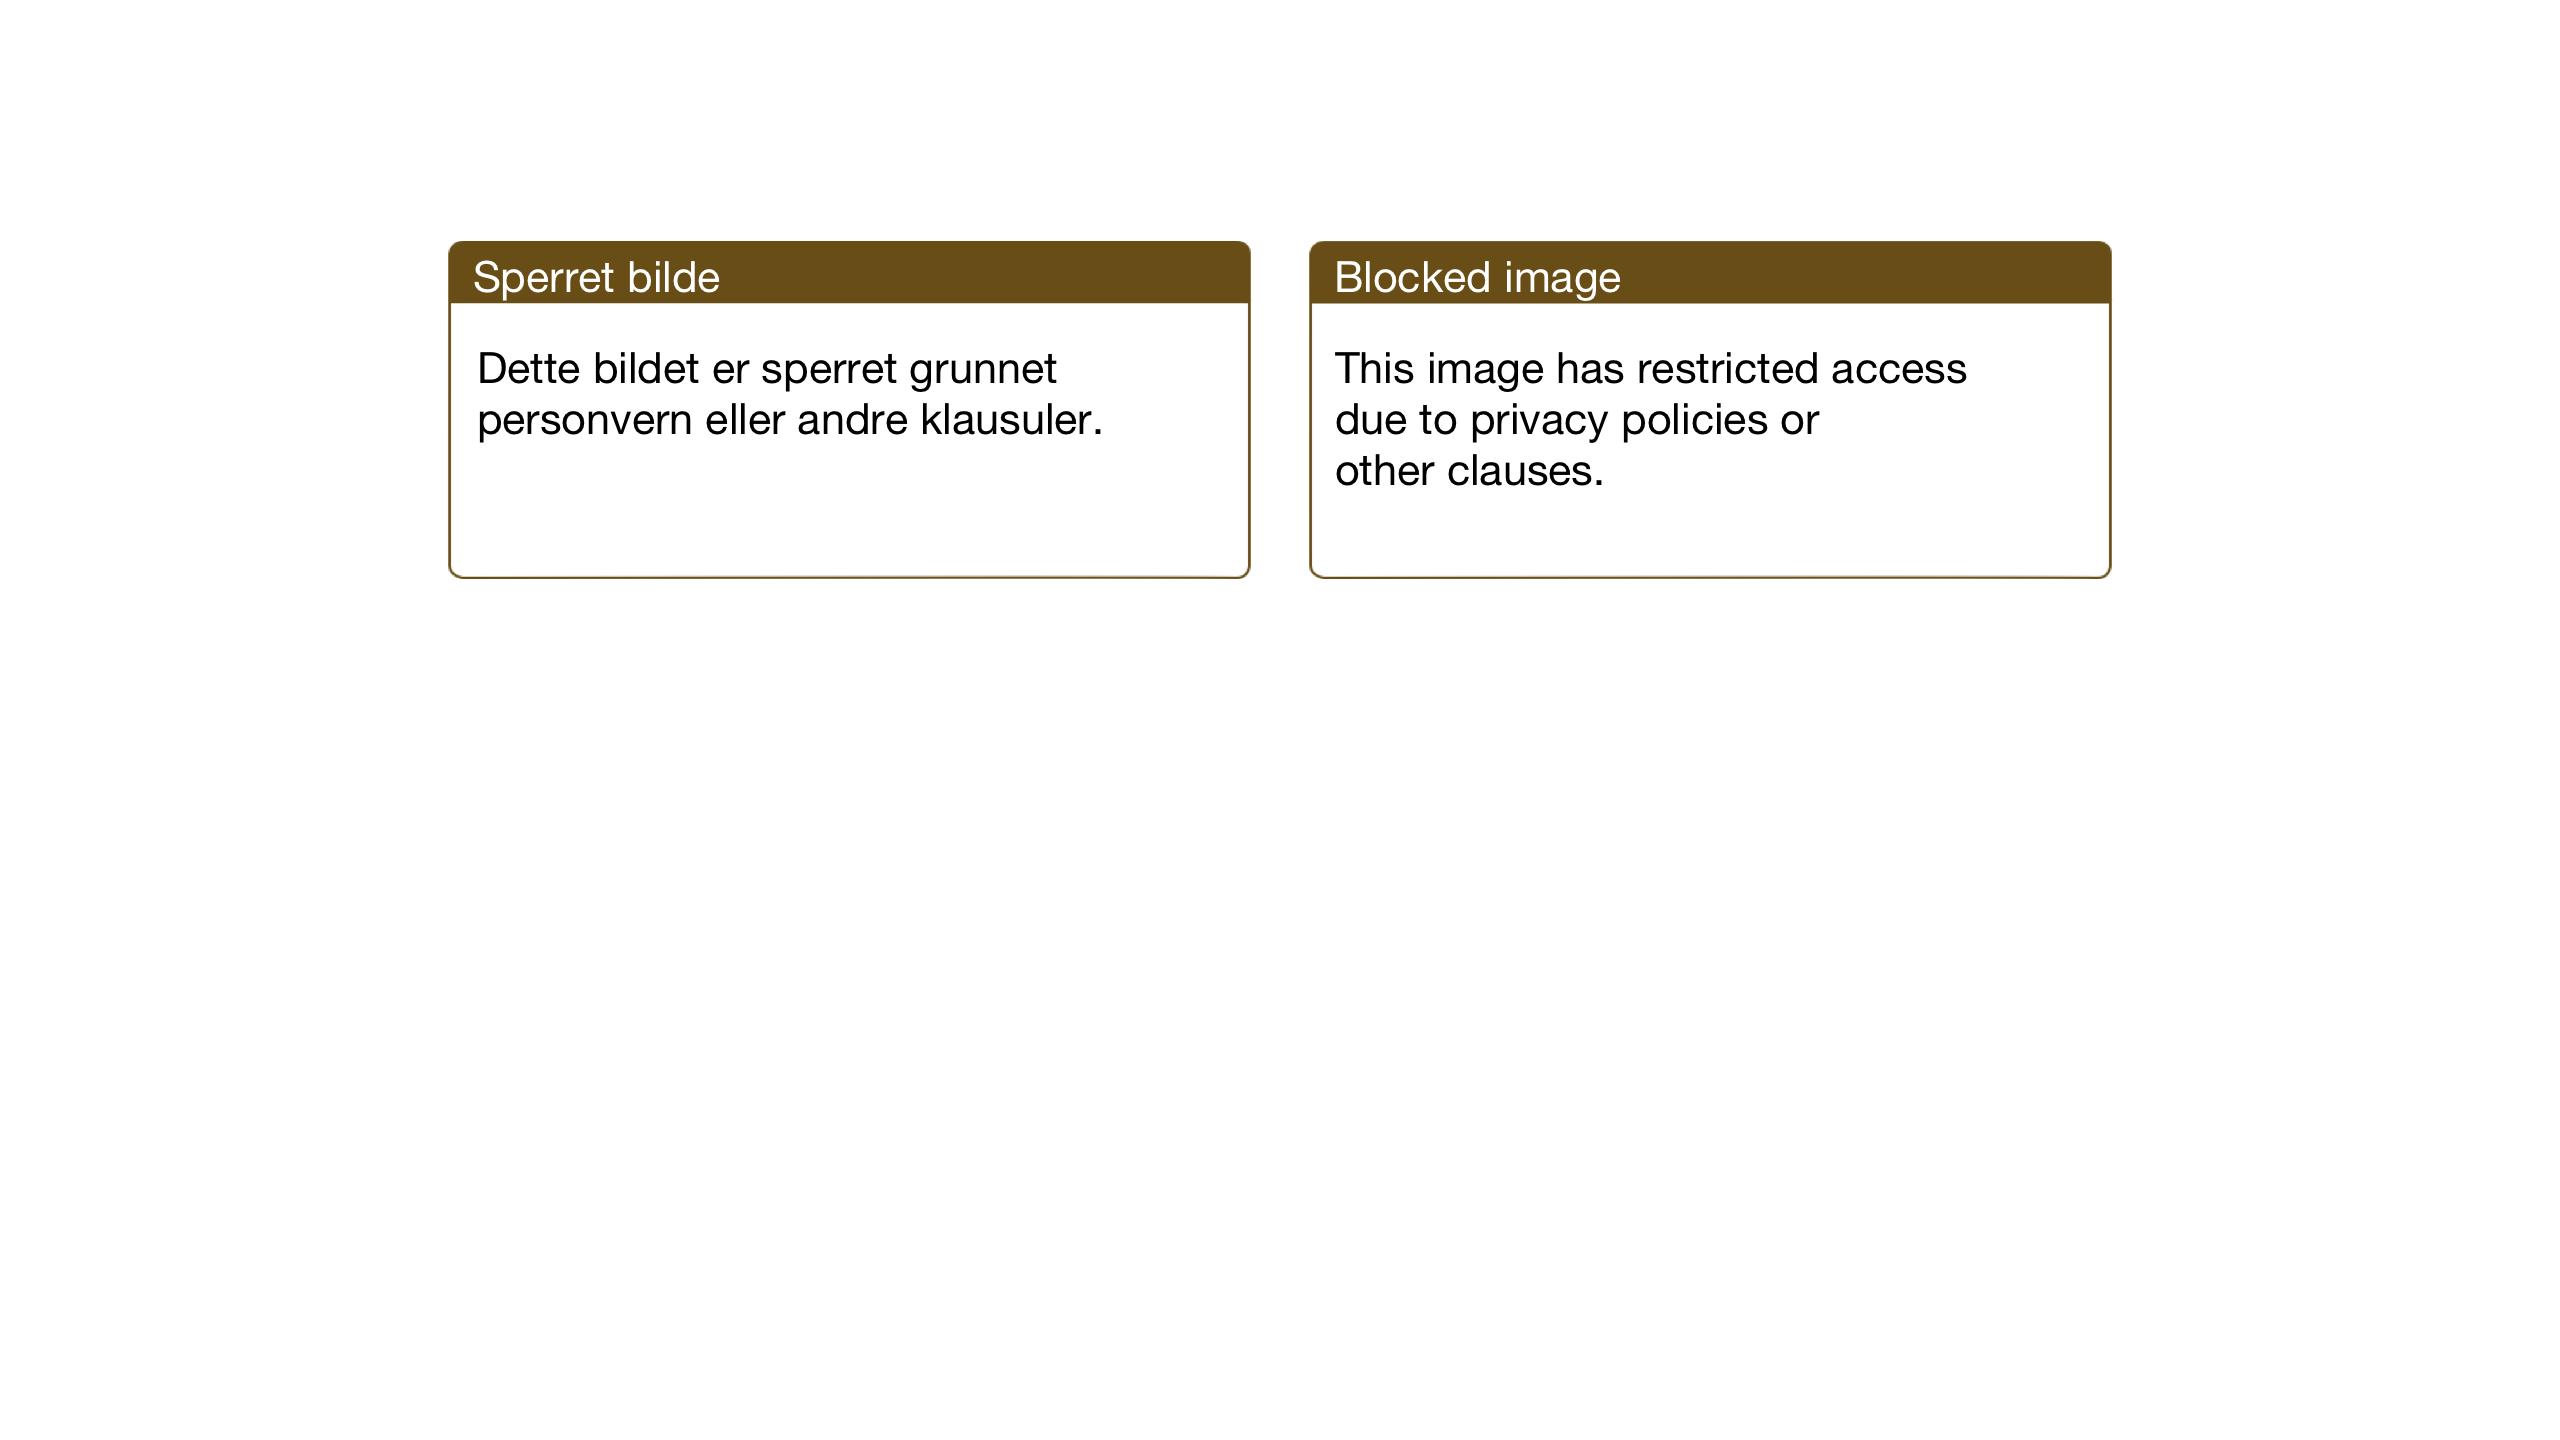 SAT, Ministerialprotokoller, klokkerbøker og fødselsregistre - Sør-Trøndelag, 602/L0120: Ministerialbok nr. 602A18, 1880-1913, s. 192